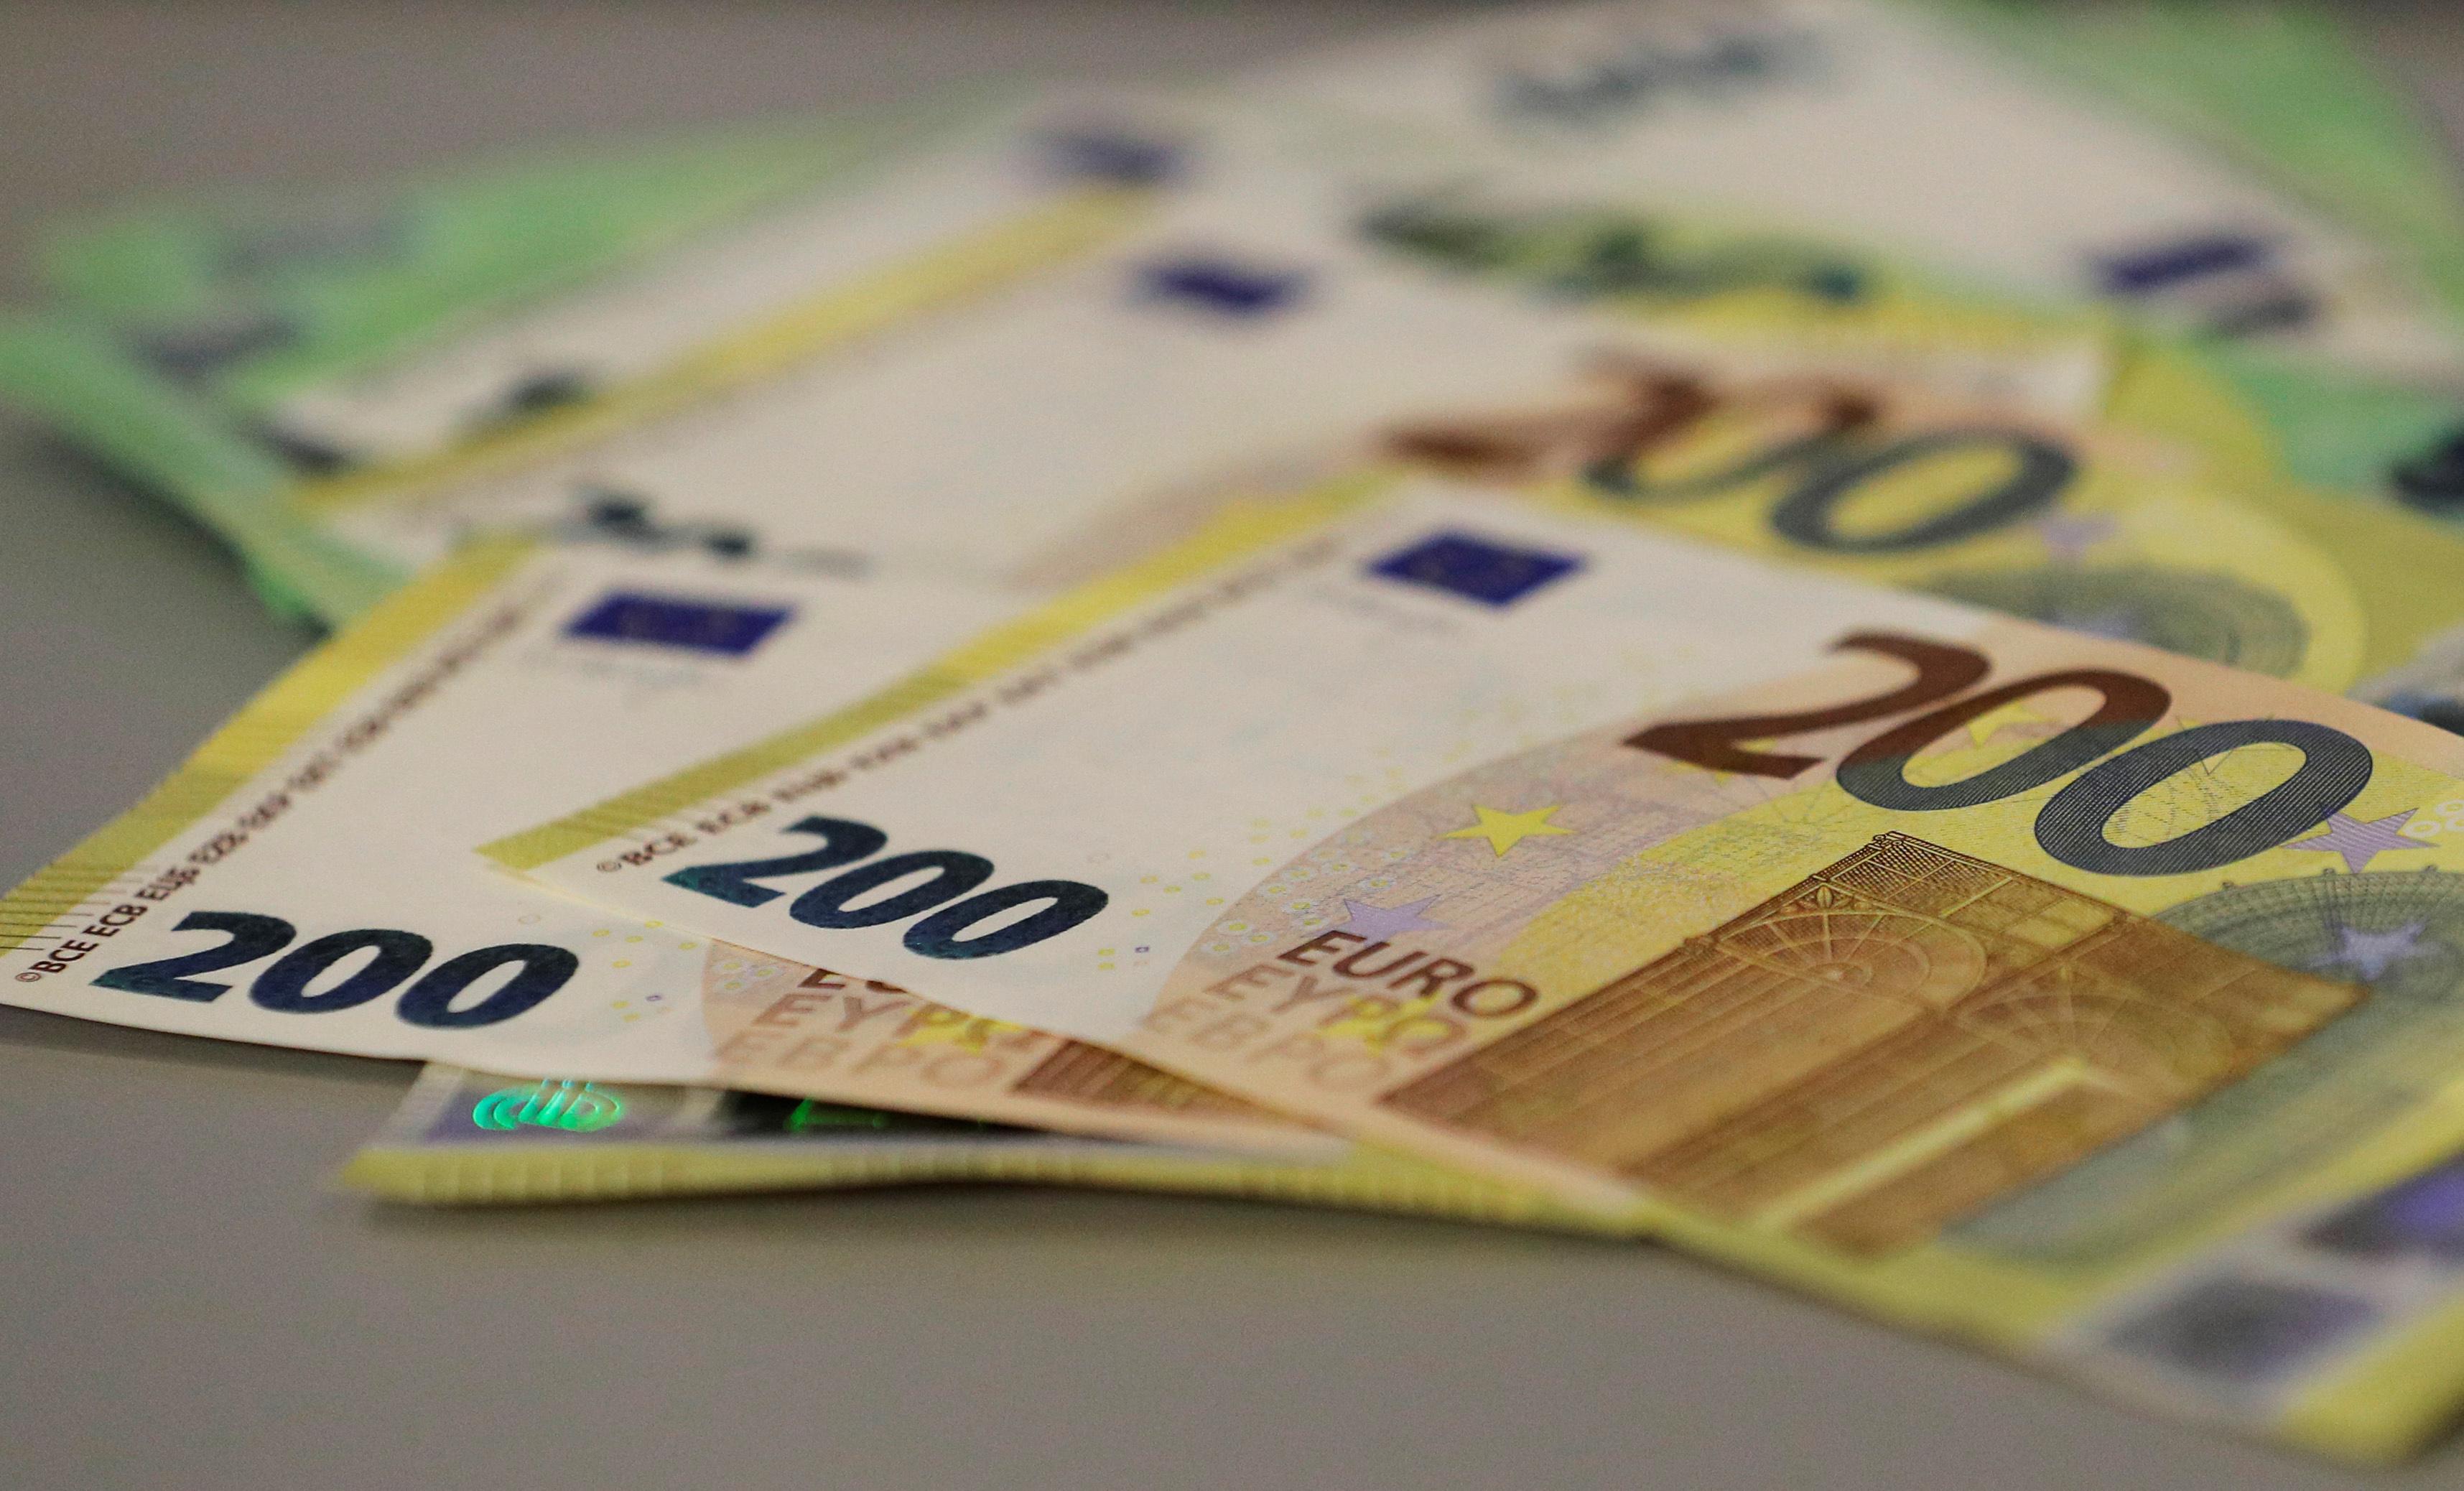 Nueva generación de billetes de euro entrará en circulación en 2019